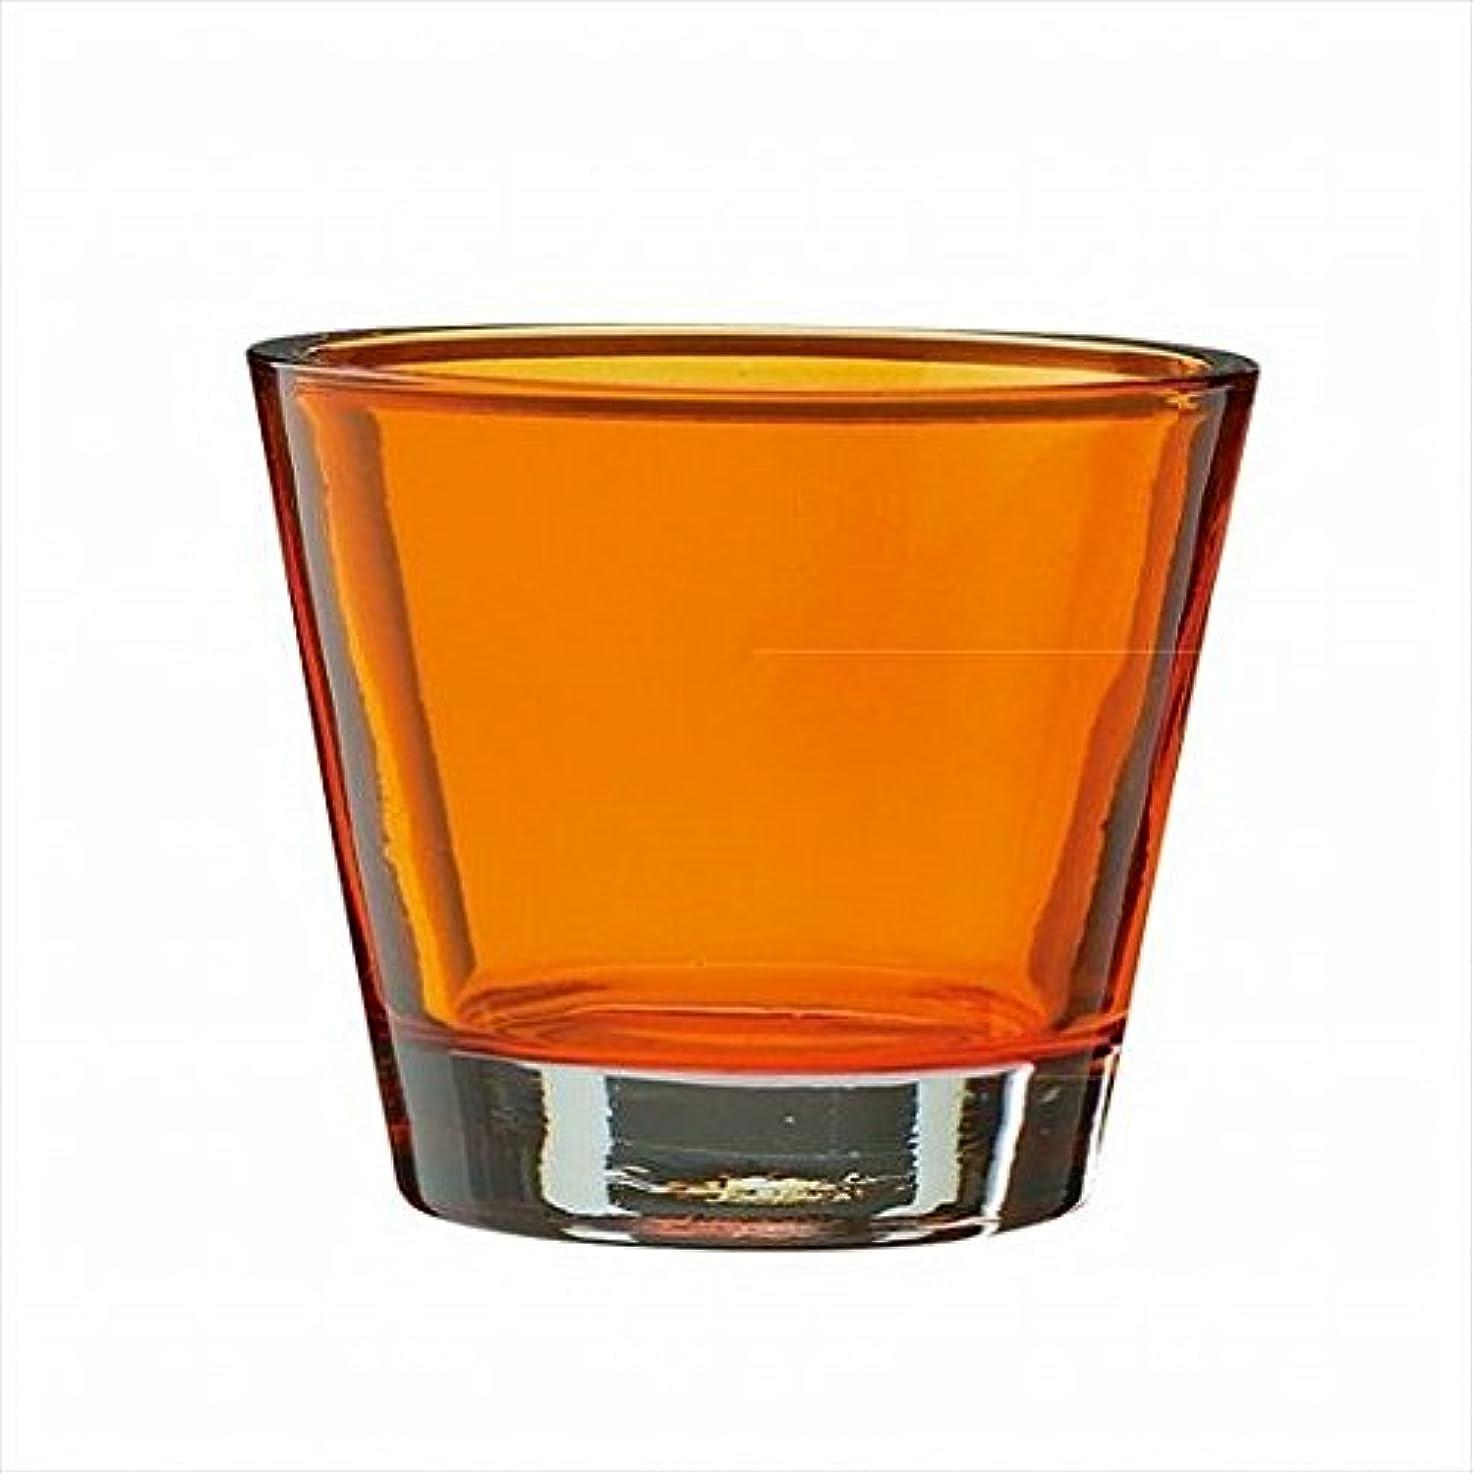 議論する戦い許容kameyama candle(カメヤマキャンドル) カラリス 「 オレンジ 」 キャンドル 82x82x70mm (J2540000OR)